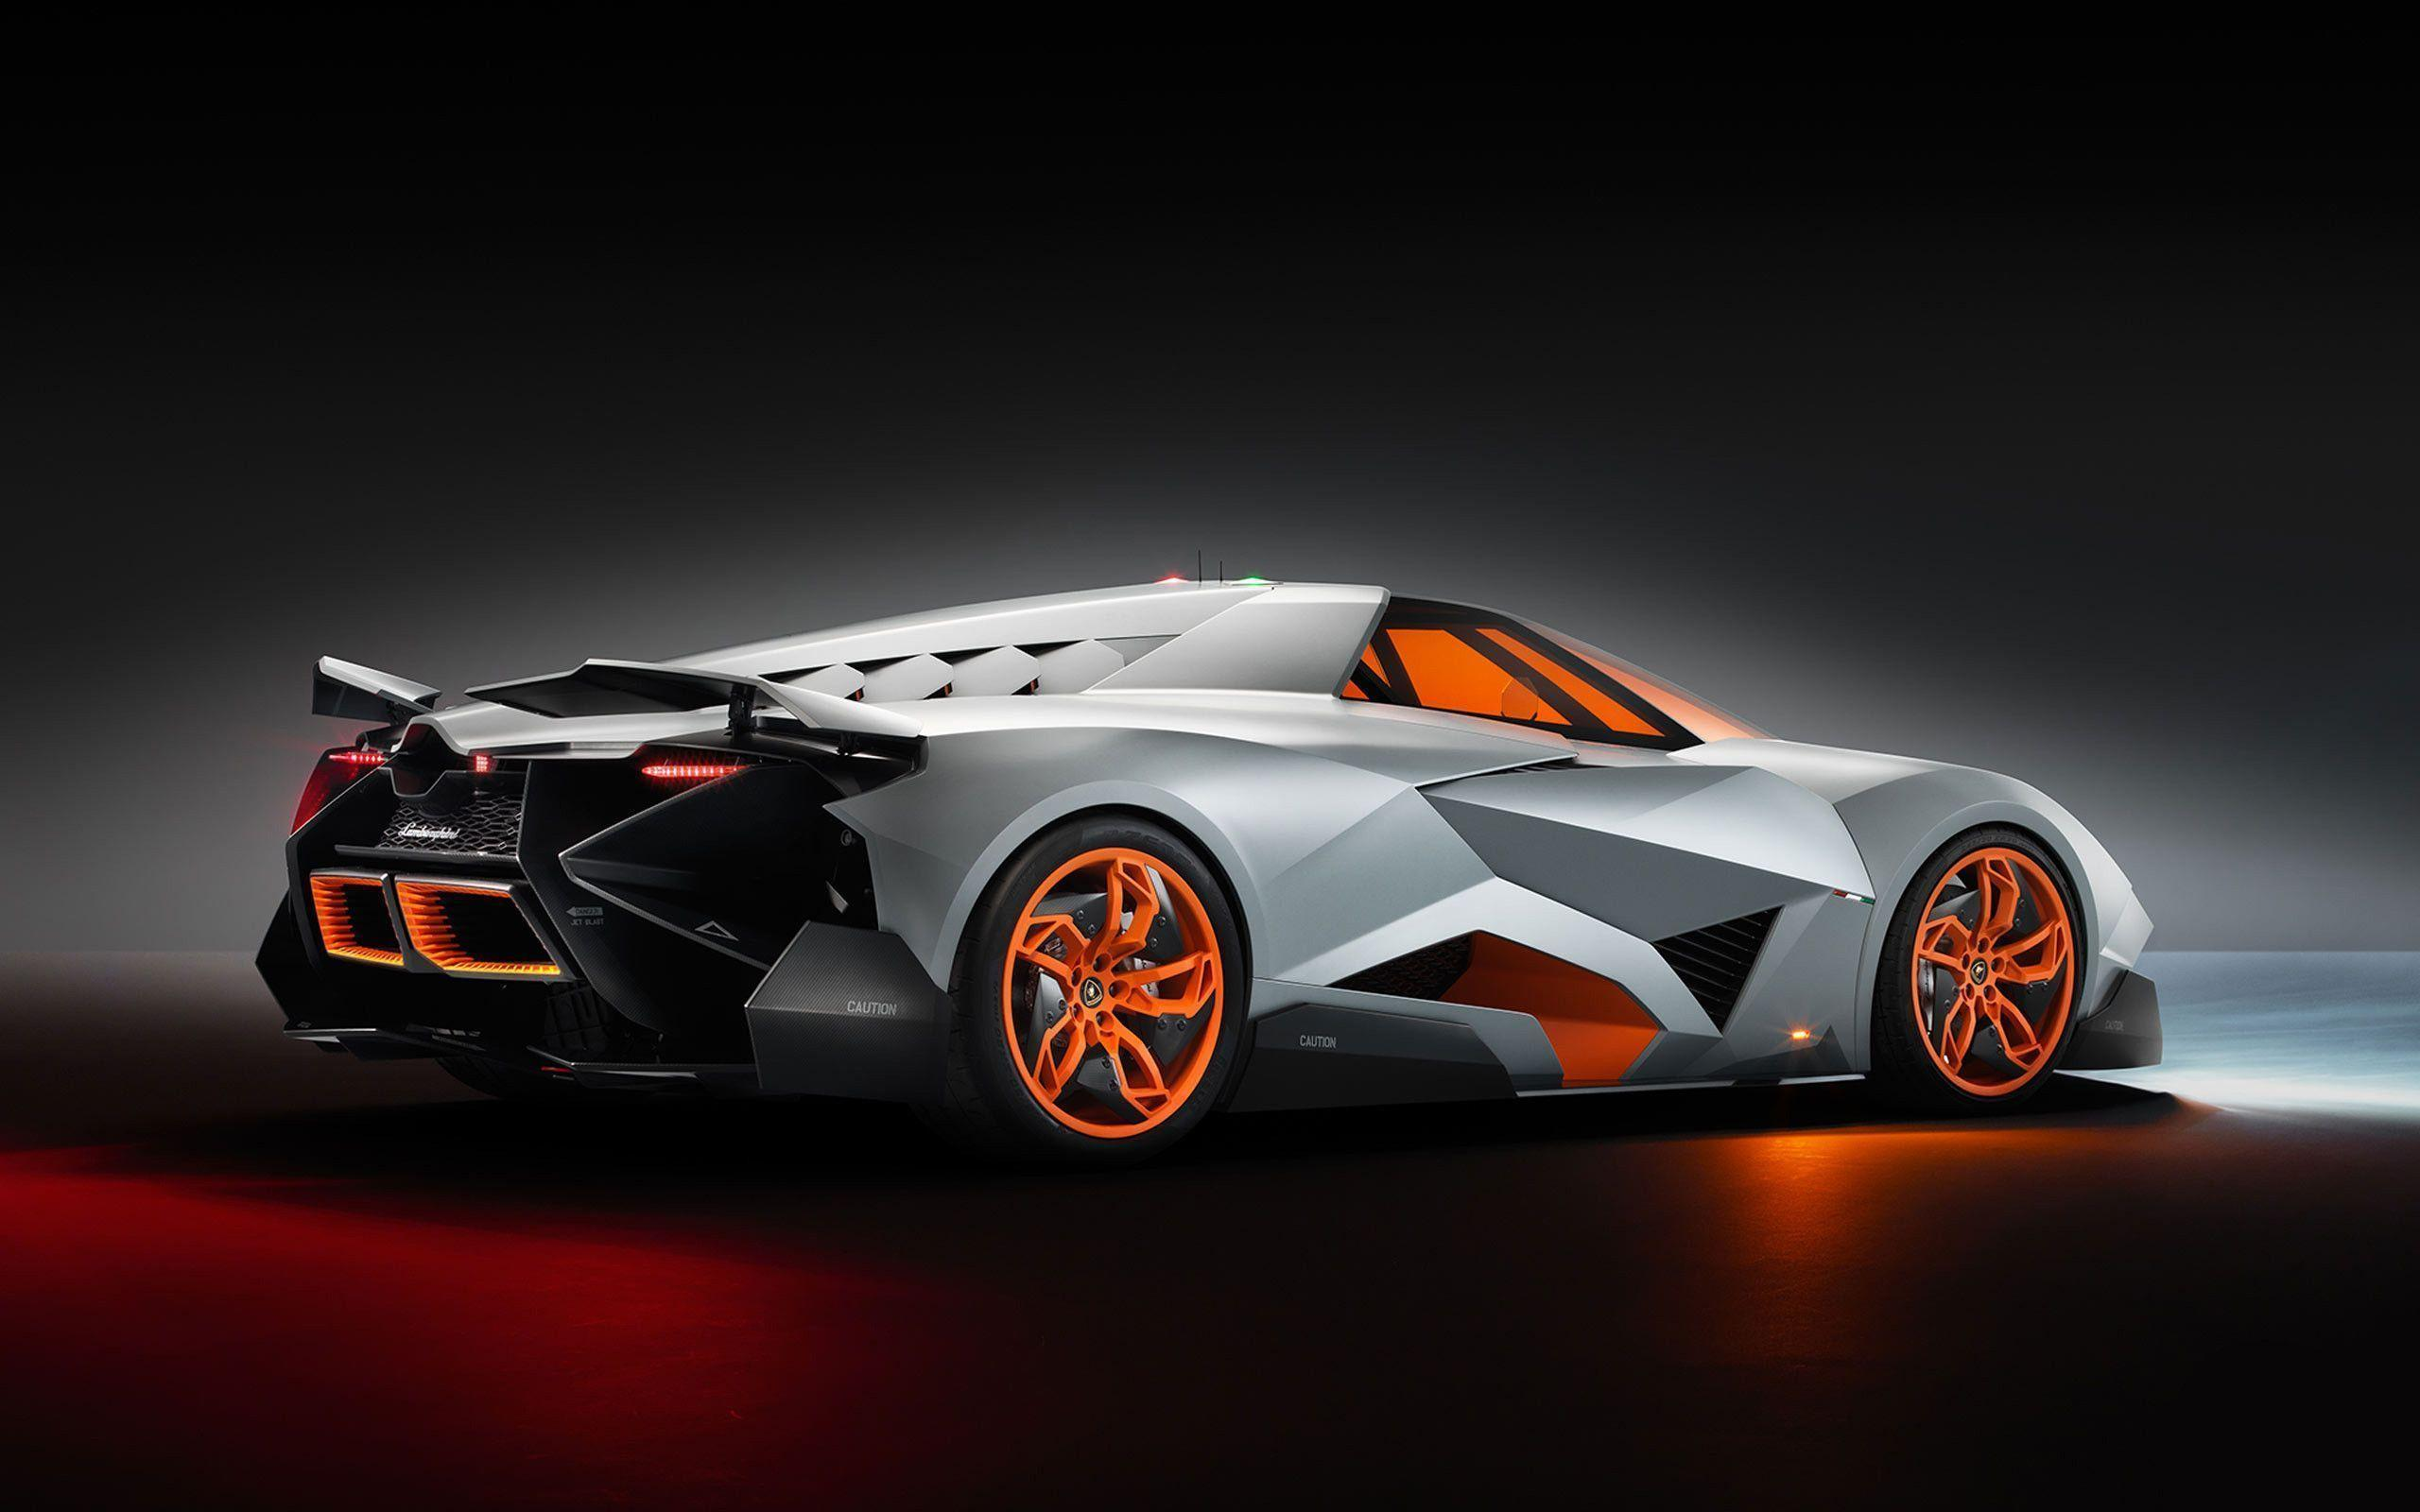 Lamborghini Wallpapers | Lamborghini Pictures | Lamborghini HD ...